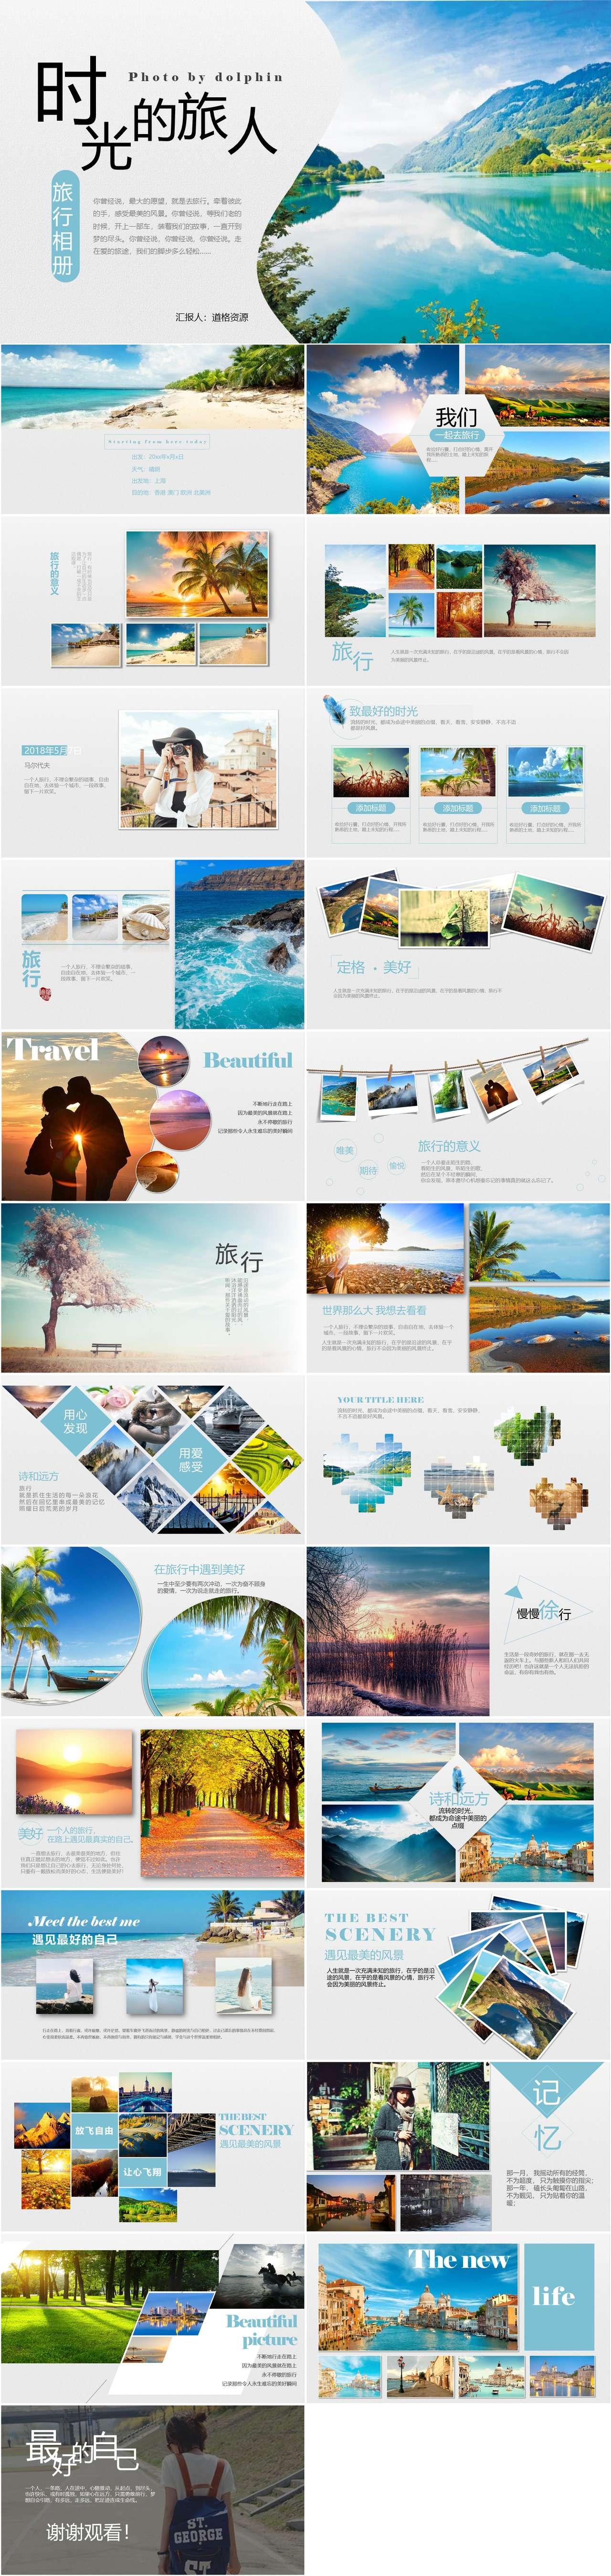 旅游摄影画册电子相册作品集PPT模板插图1